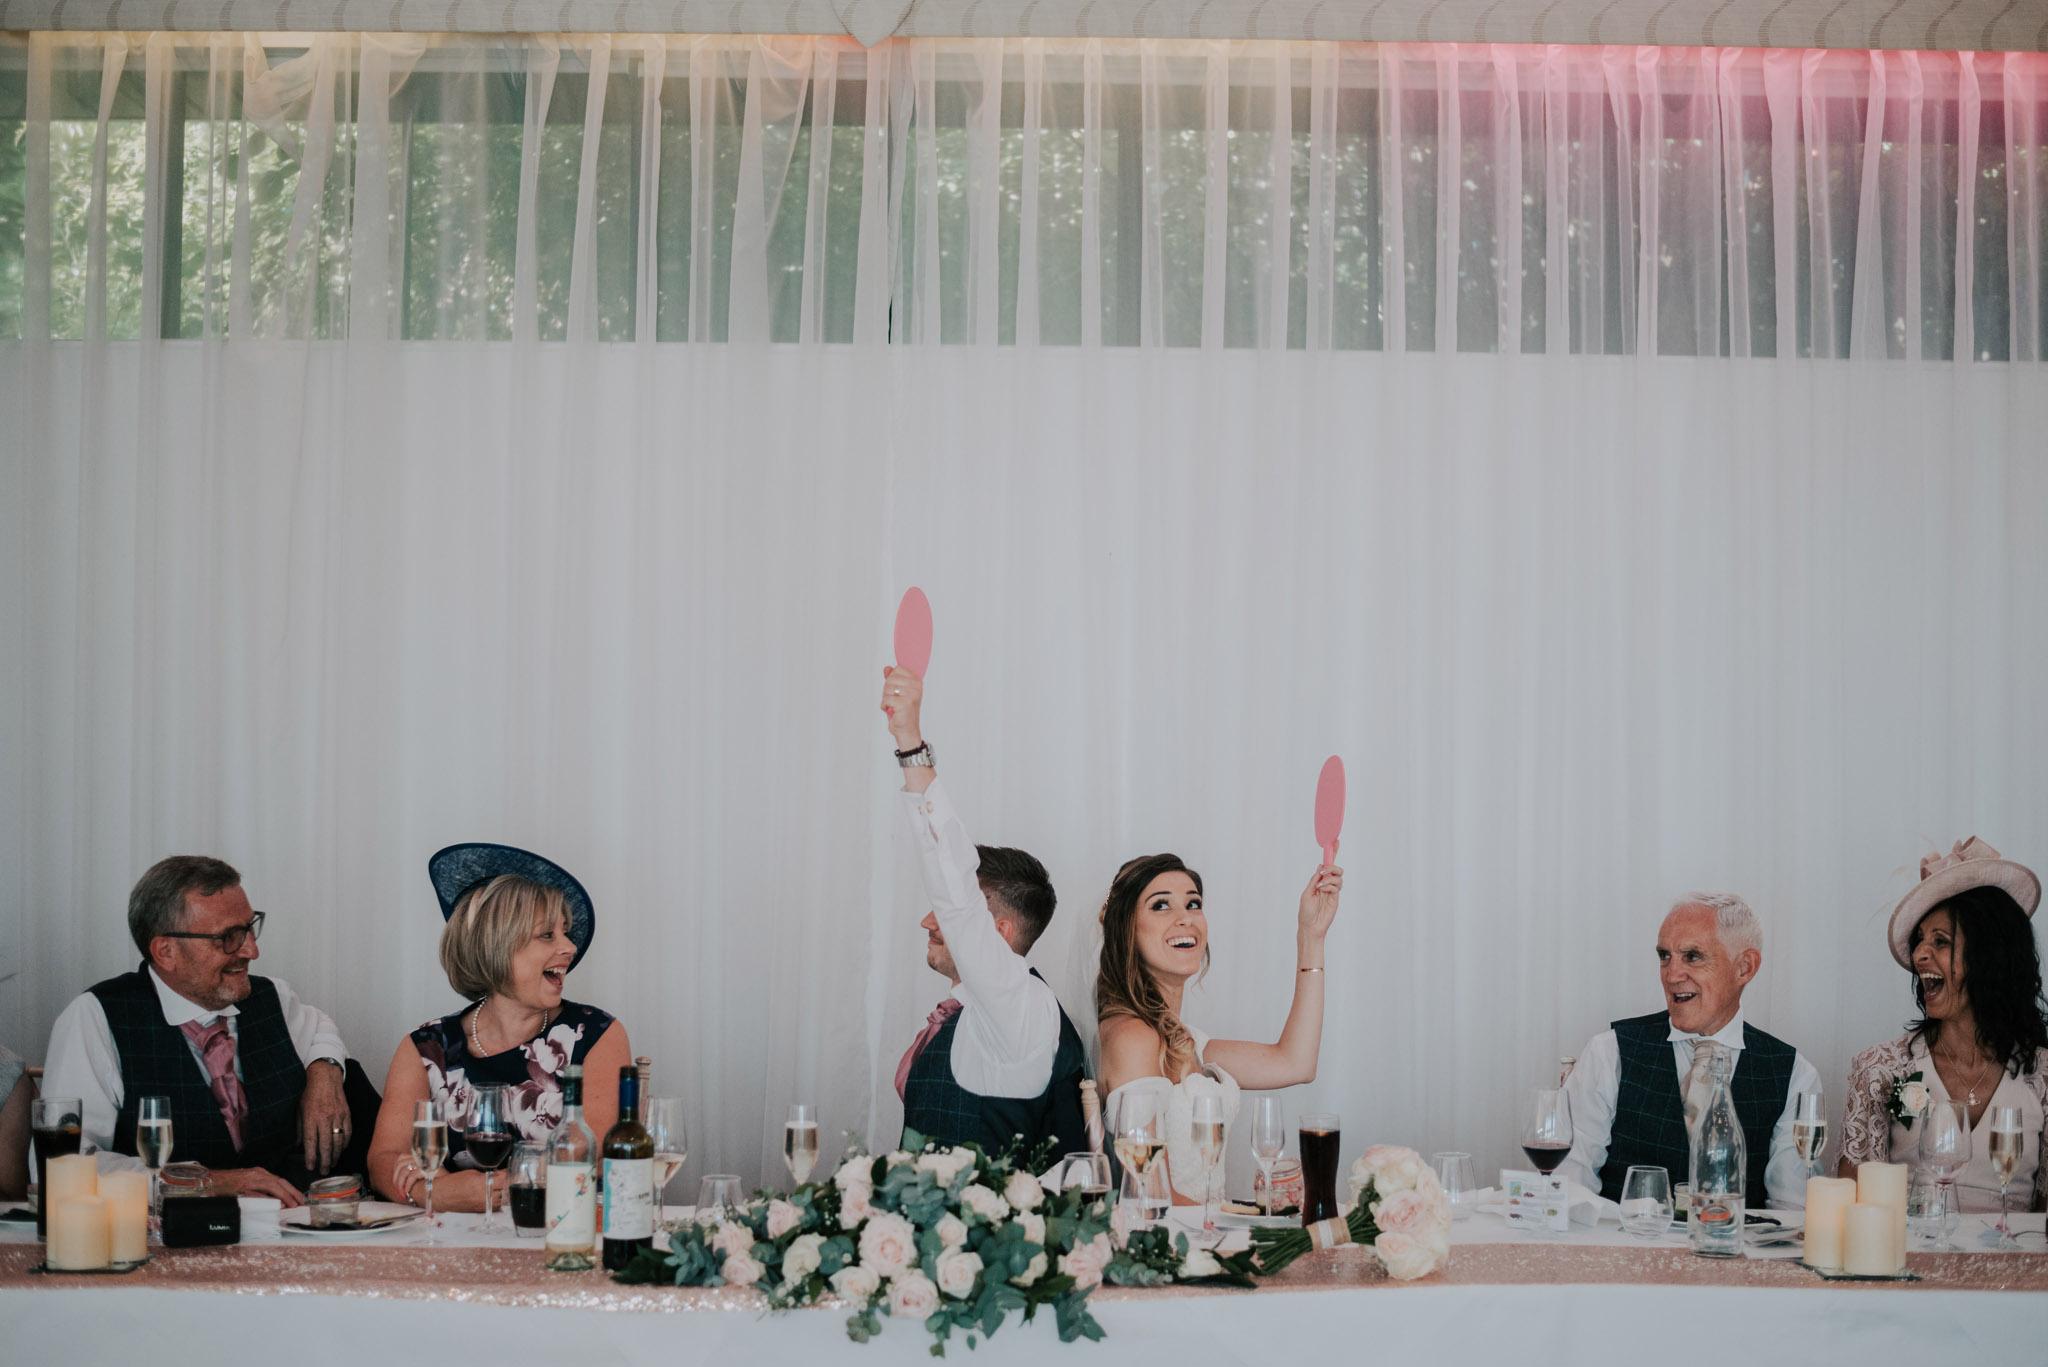 scott-stockwell-wedding-photographer-wood-norton-evesham303.jpg